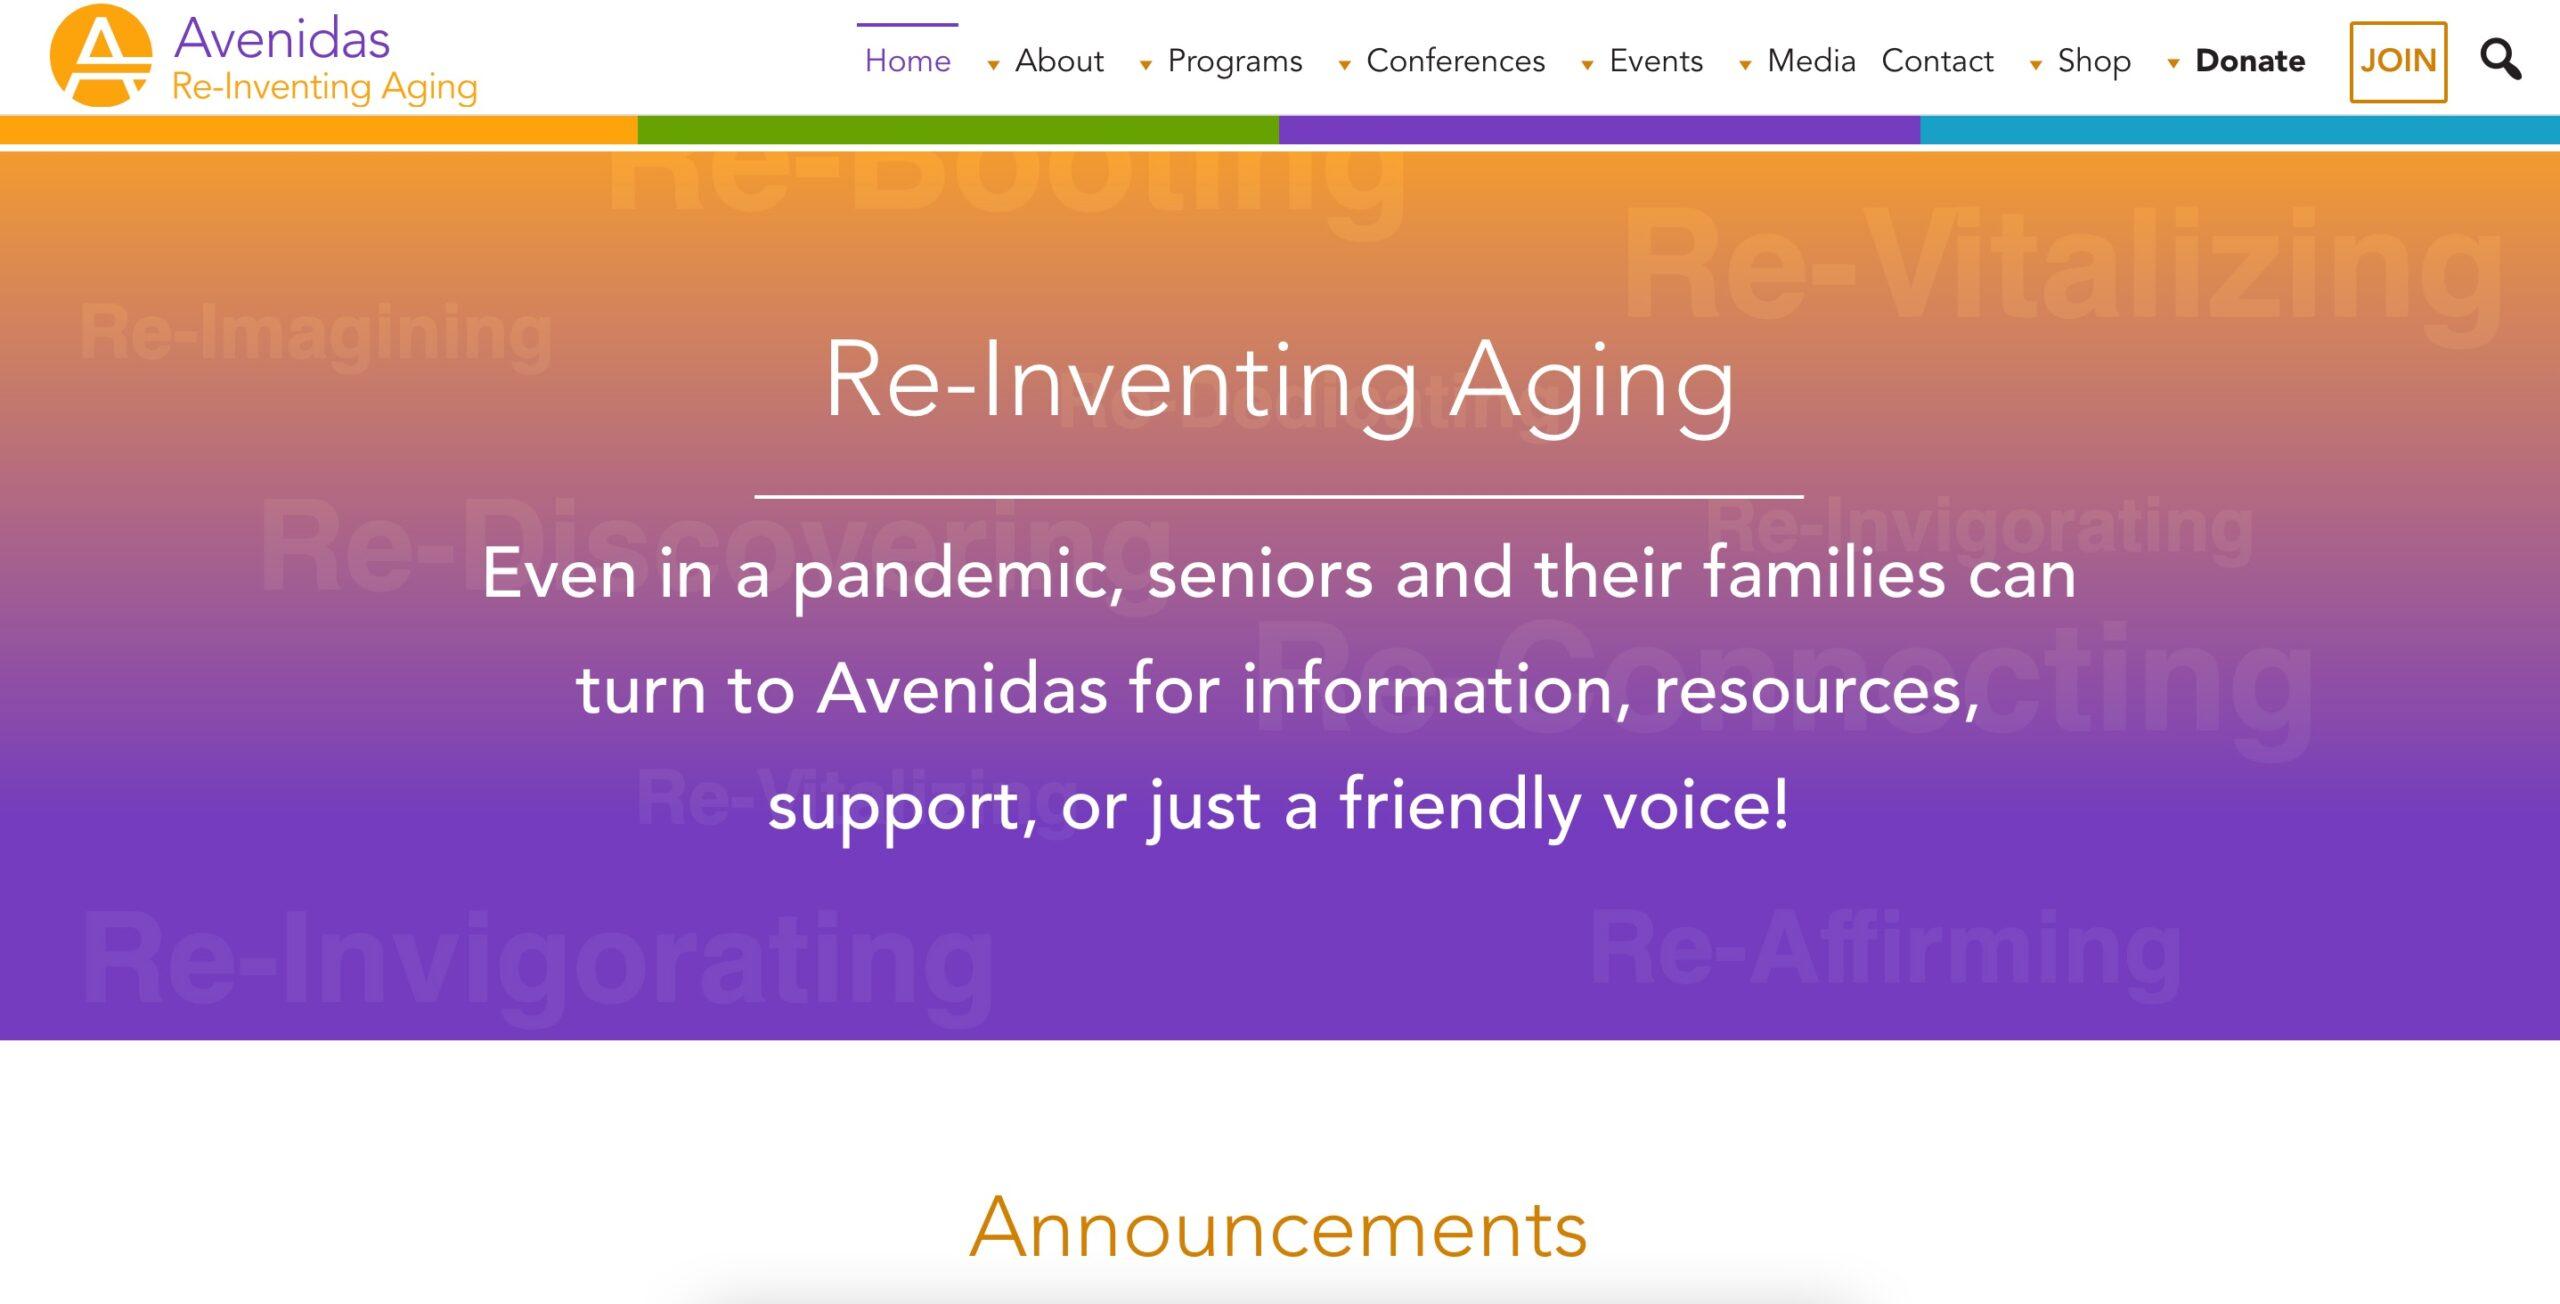 screenshot of Avenidas nonprofit website